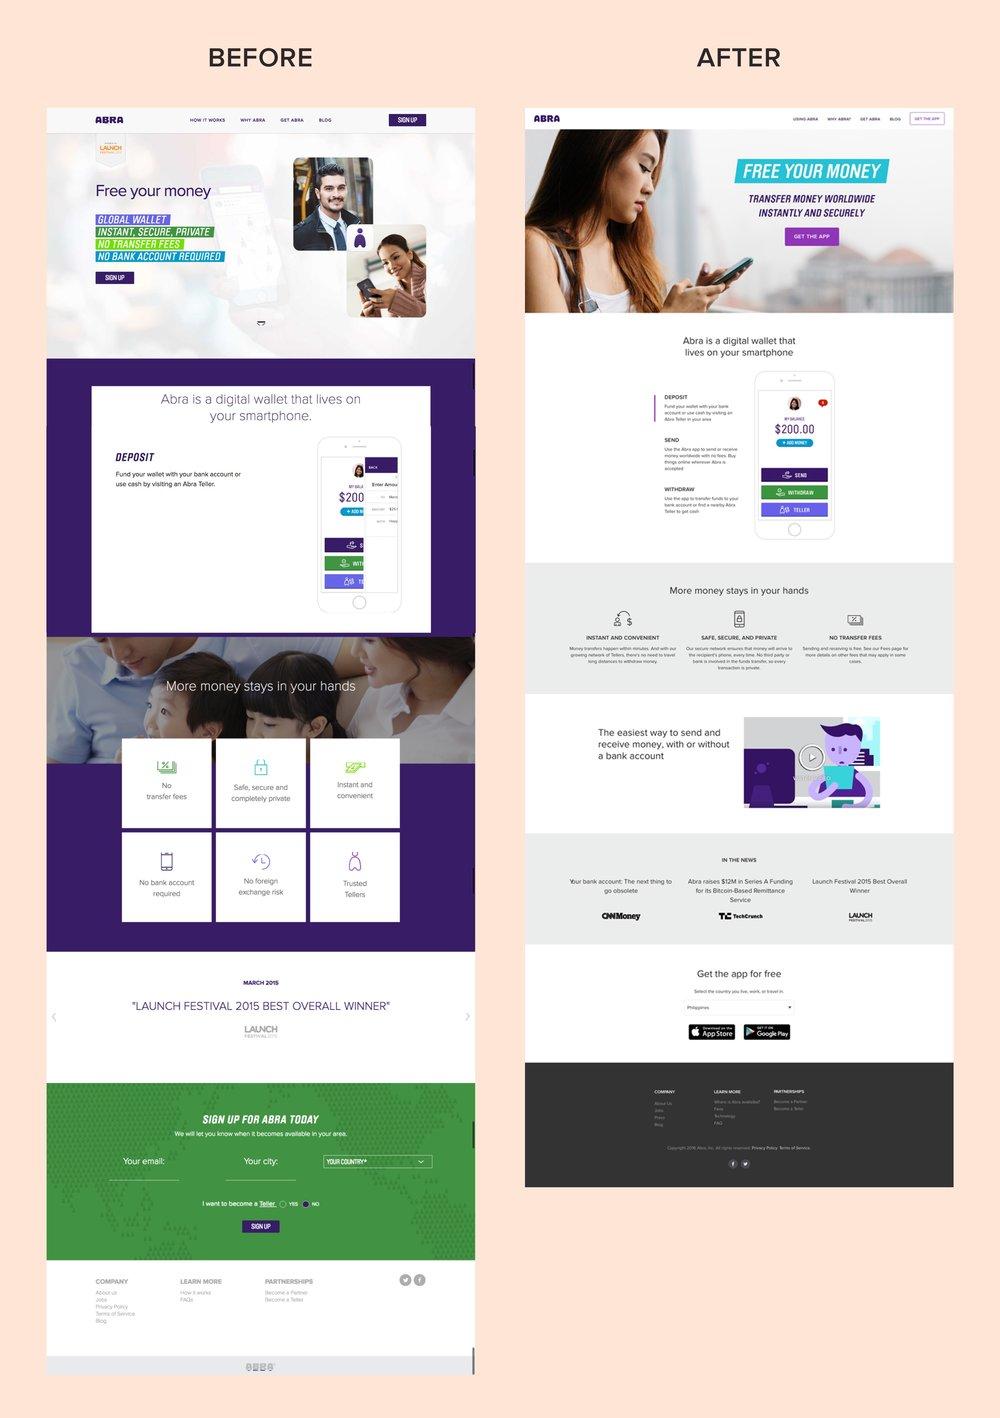 website-v1-home-before-after.jpg